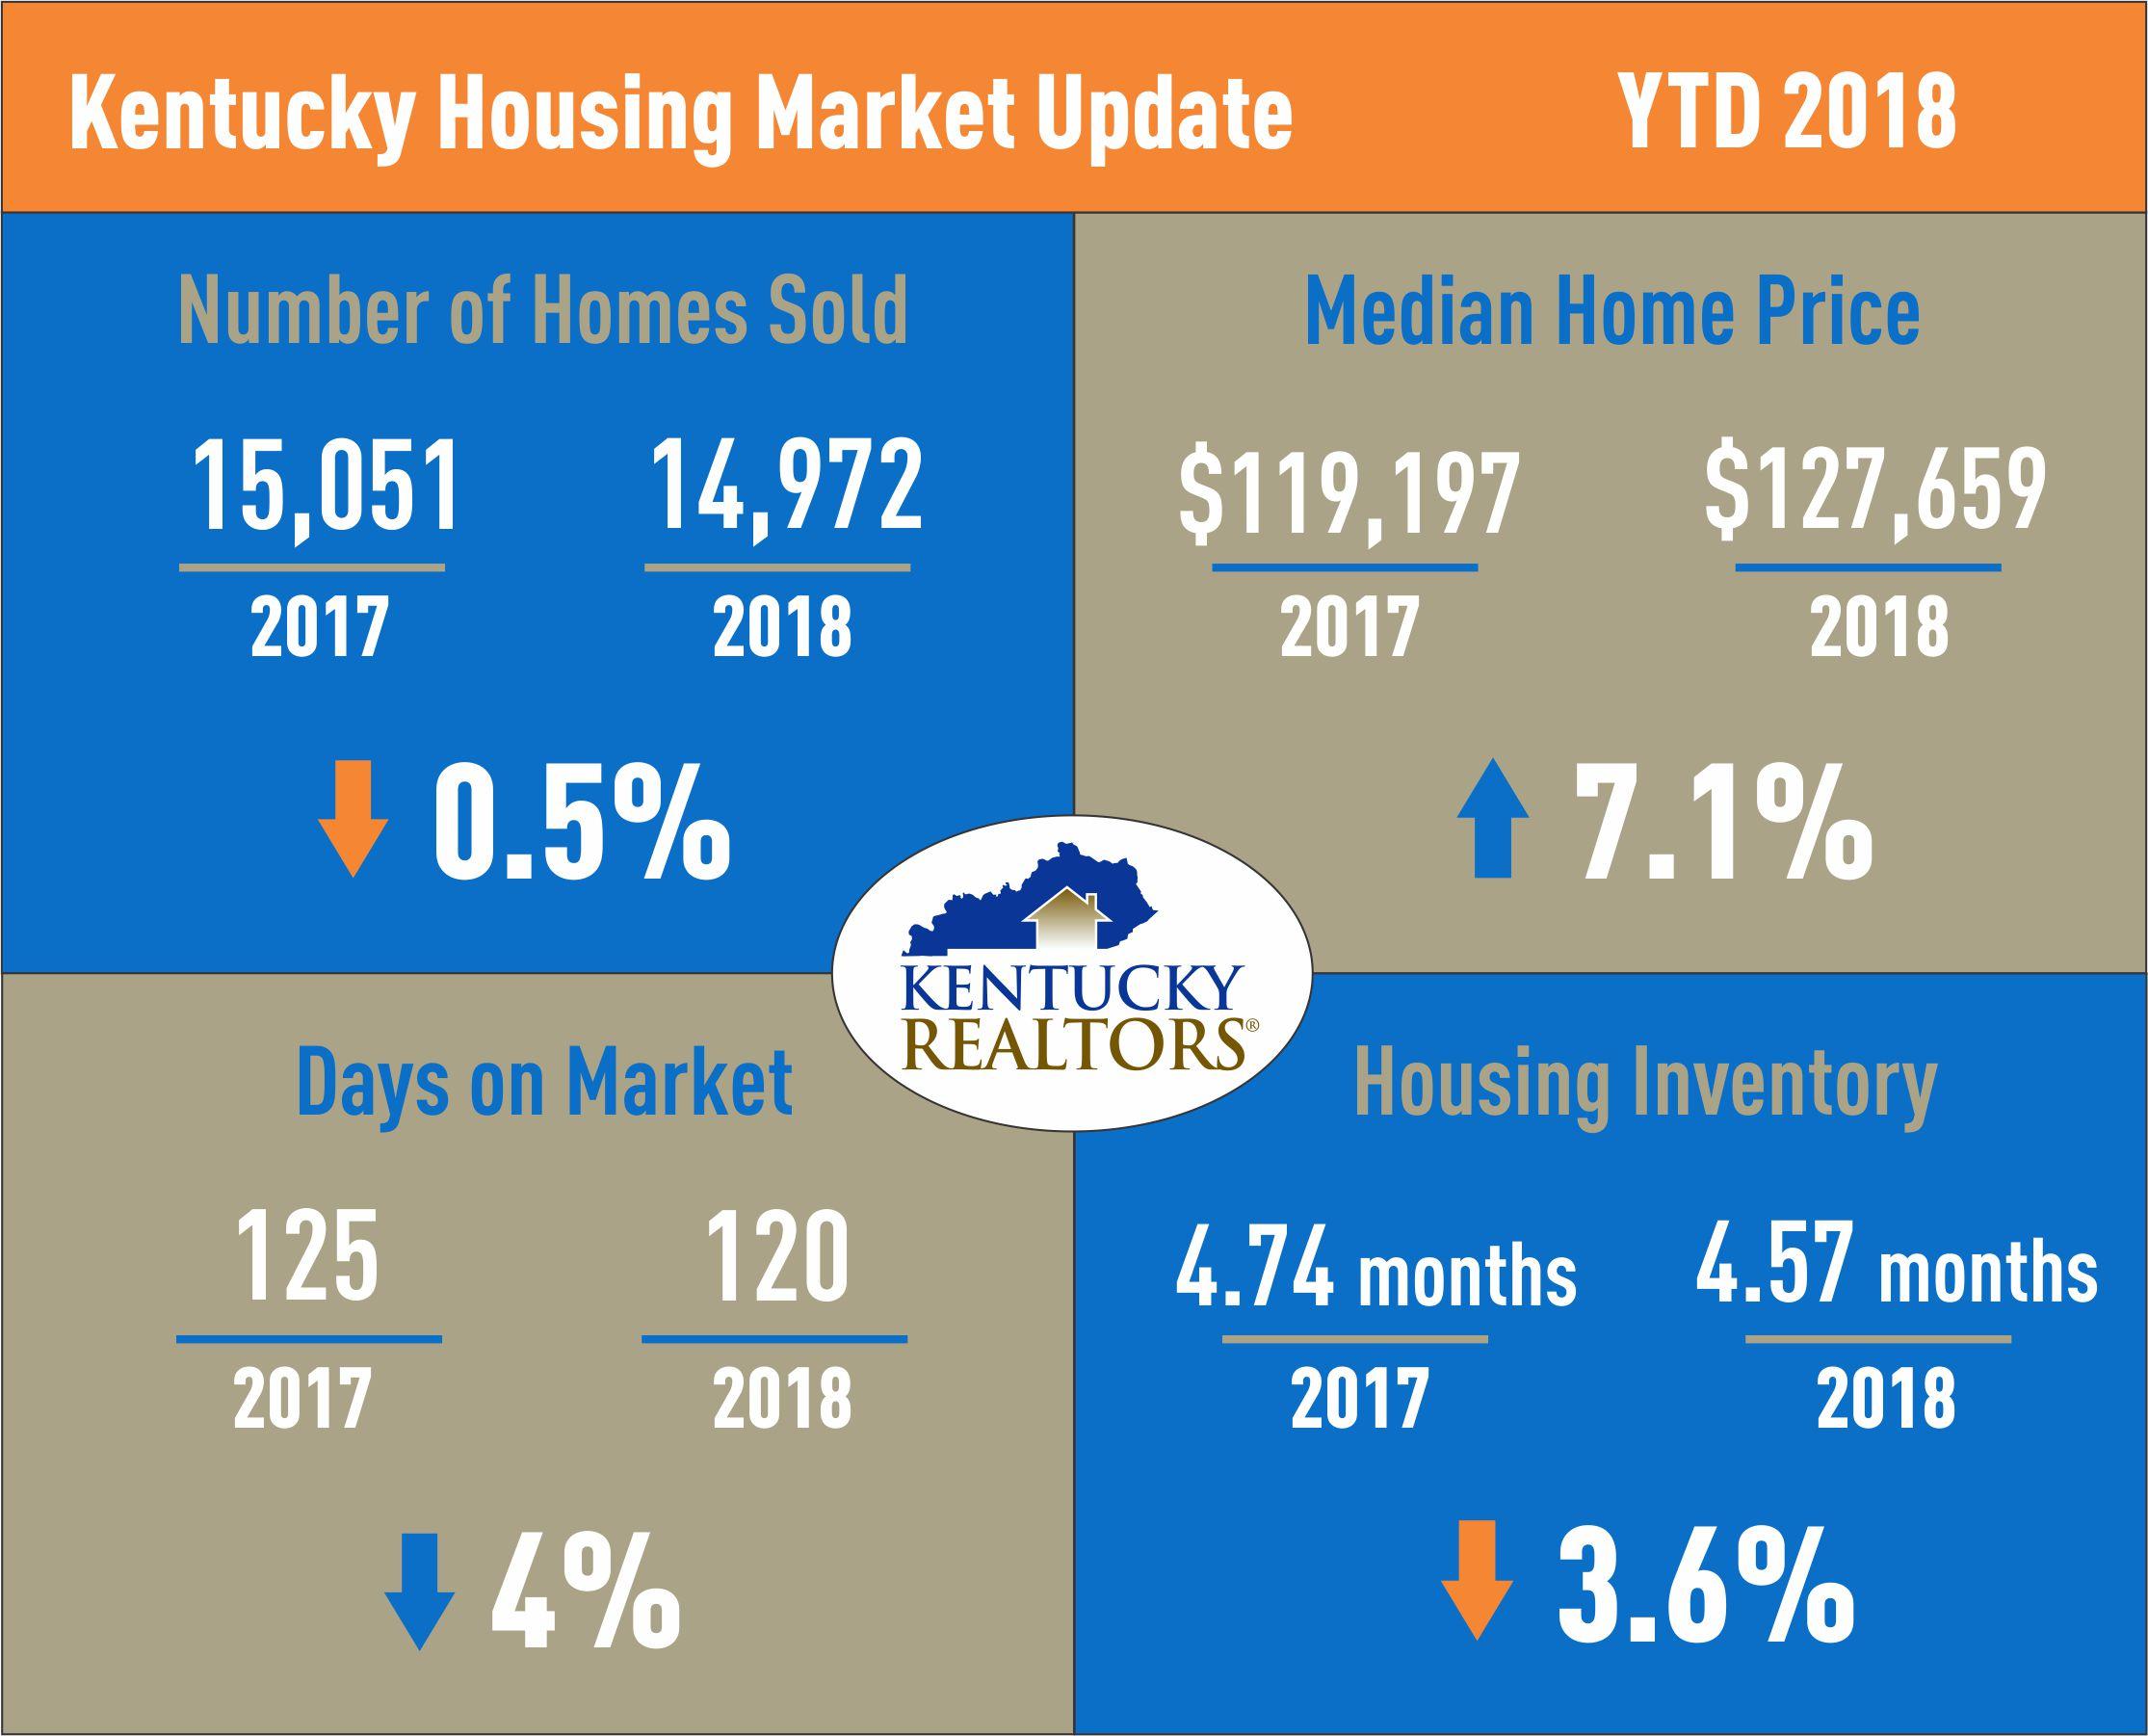 Kentucky Housing Market Update April 2018